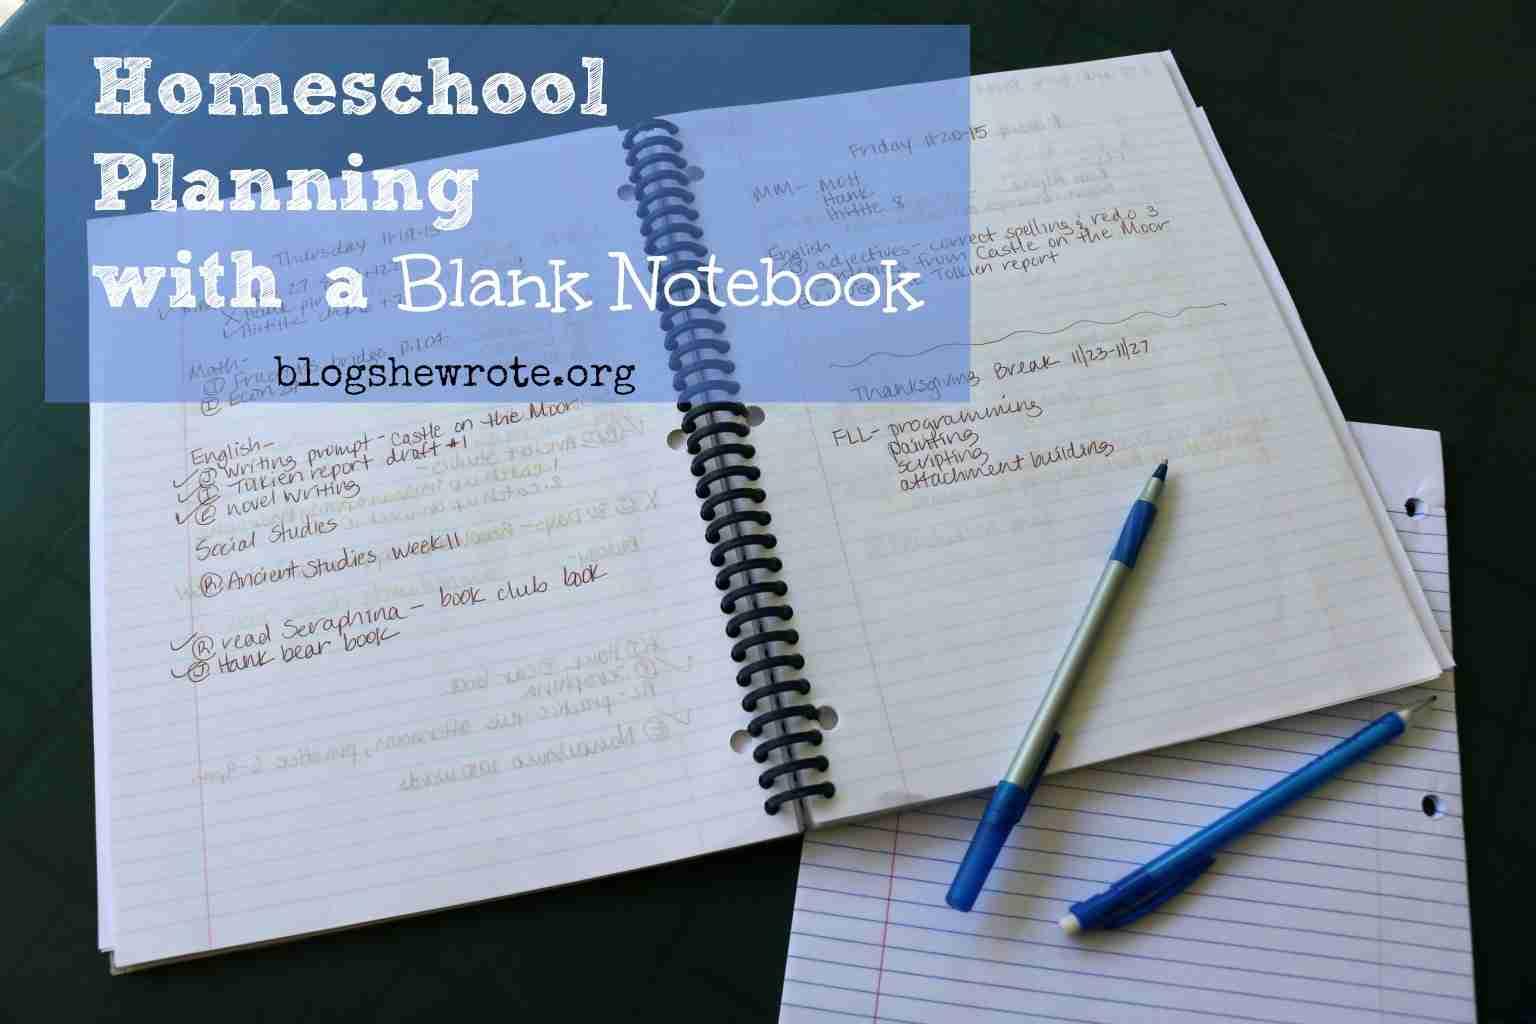 Calendar Notebook Homeschool : Homeschool planning with a spiral notebook she wrote